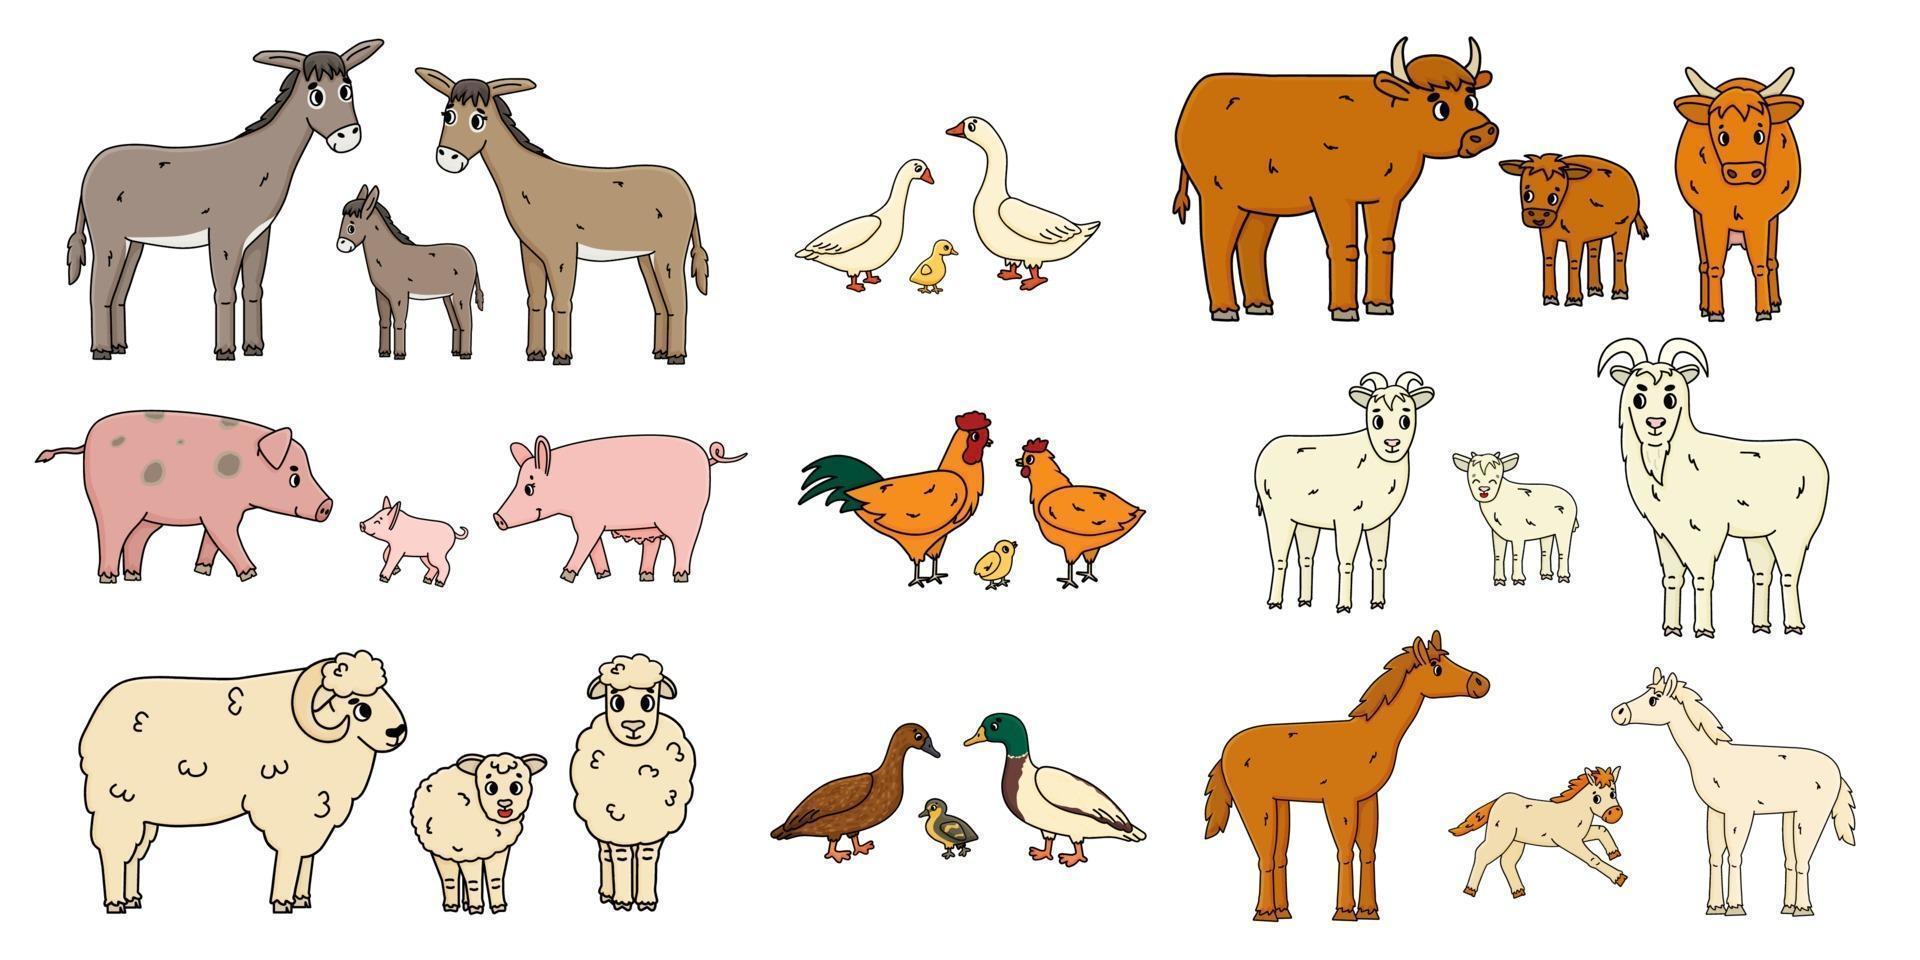 niedliche Bauernhoftierfamilien lokalisiert auf weißem Hintergrund. Vektor Cartoon Umriss Gekritzel Tiere Sammlung Esel Gans Kuh Ochse Schwein Schwein Huhn Henne Hahn Ziege Schaf Ente Pferd für Kinder Buch